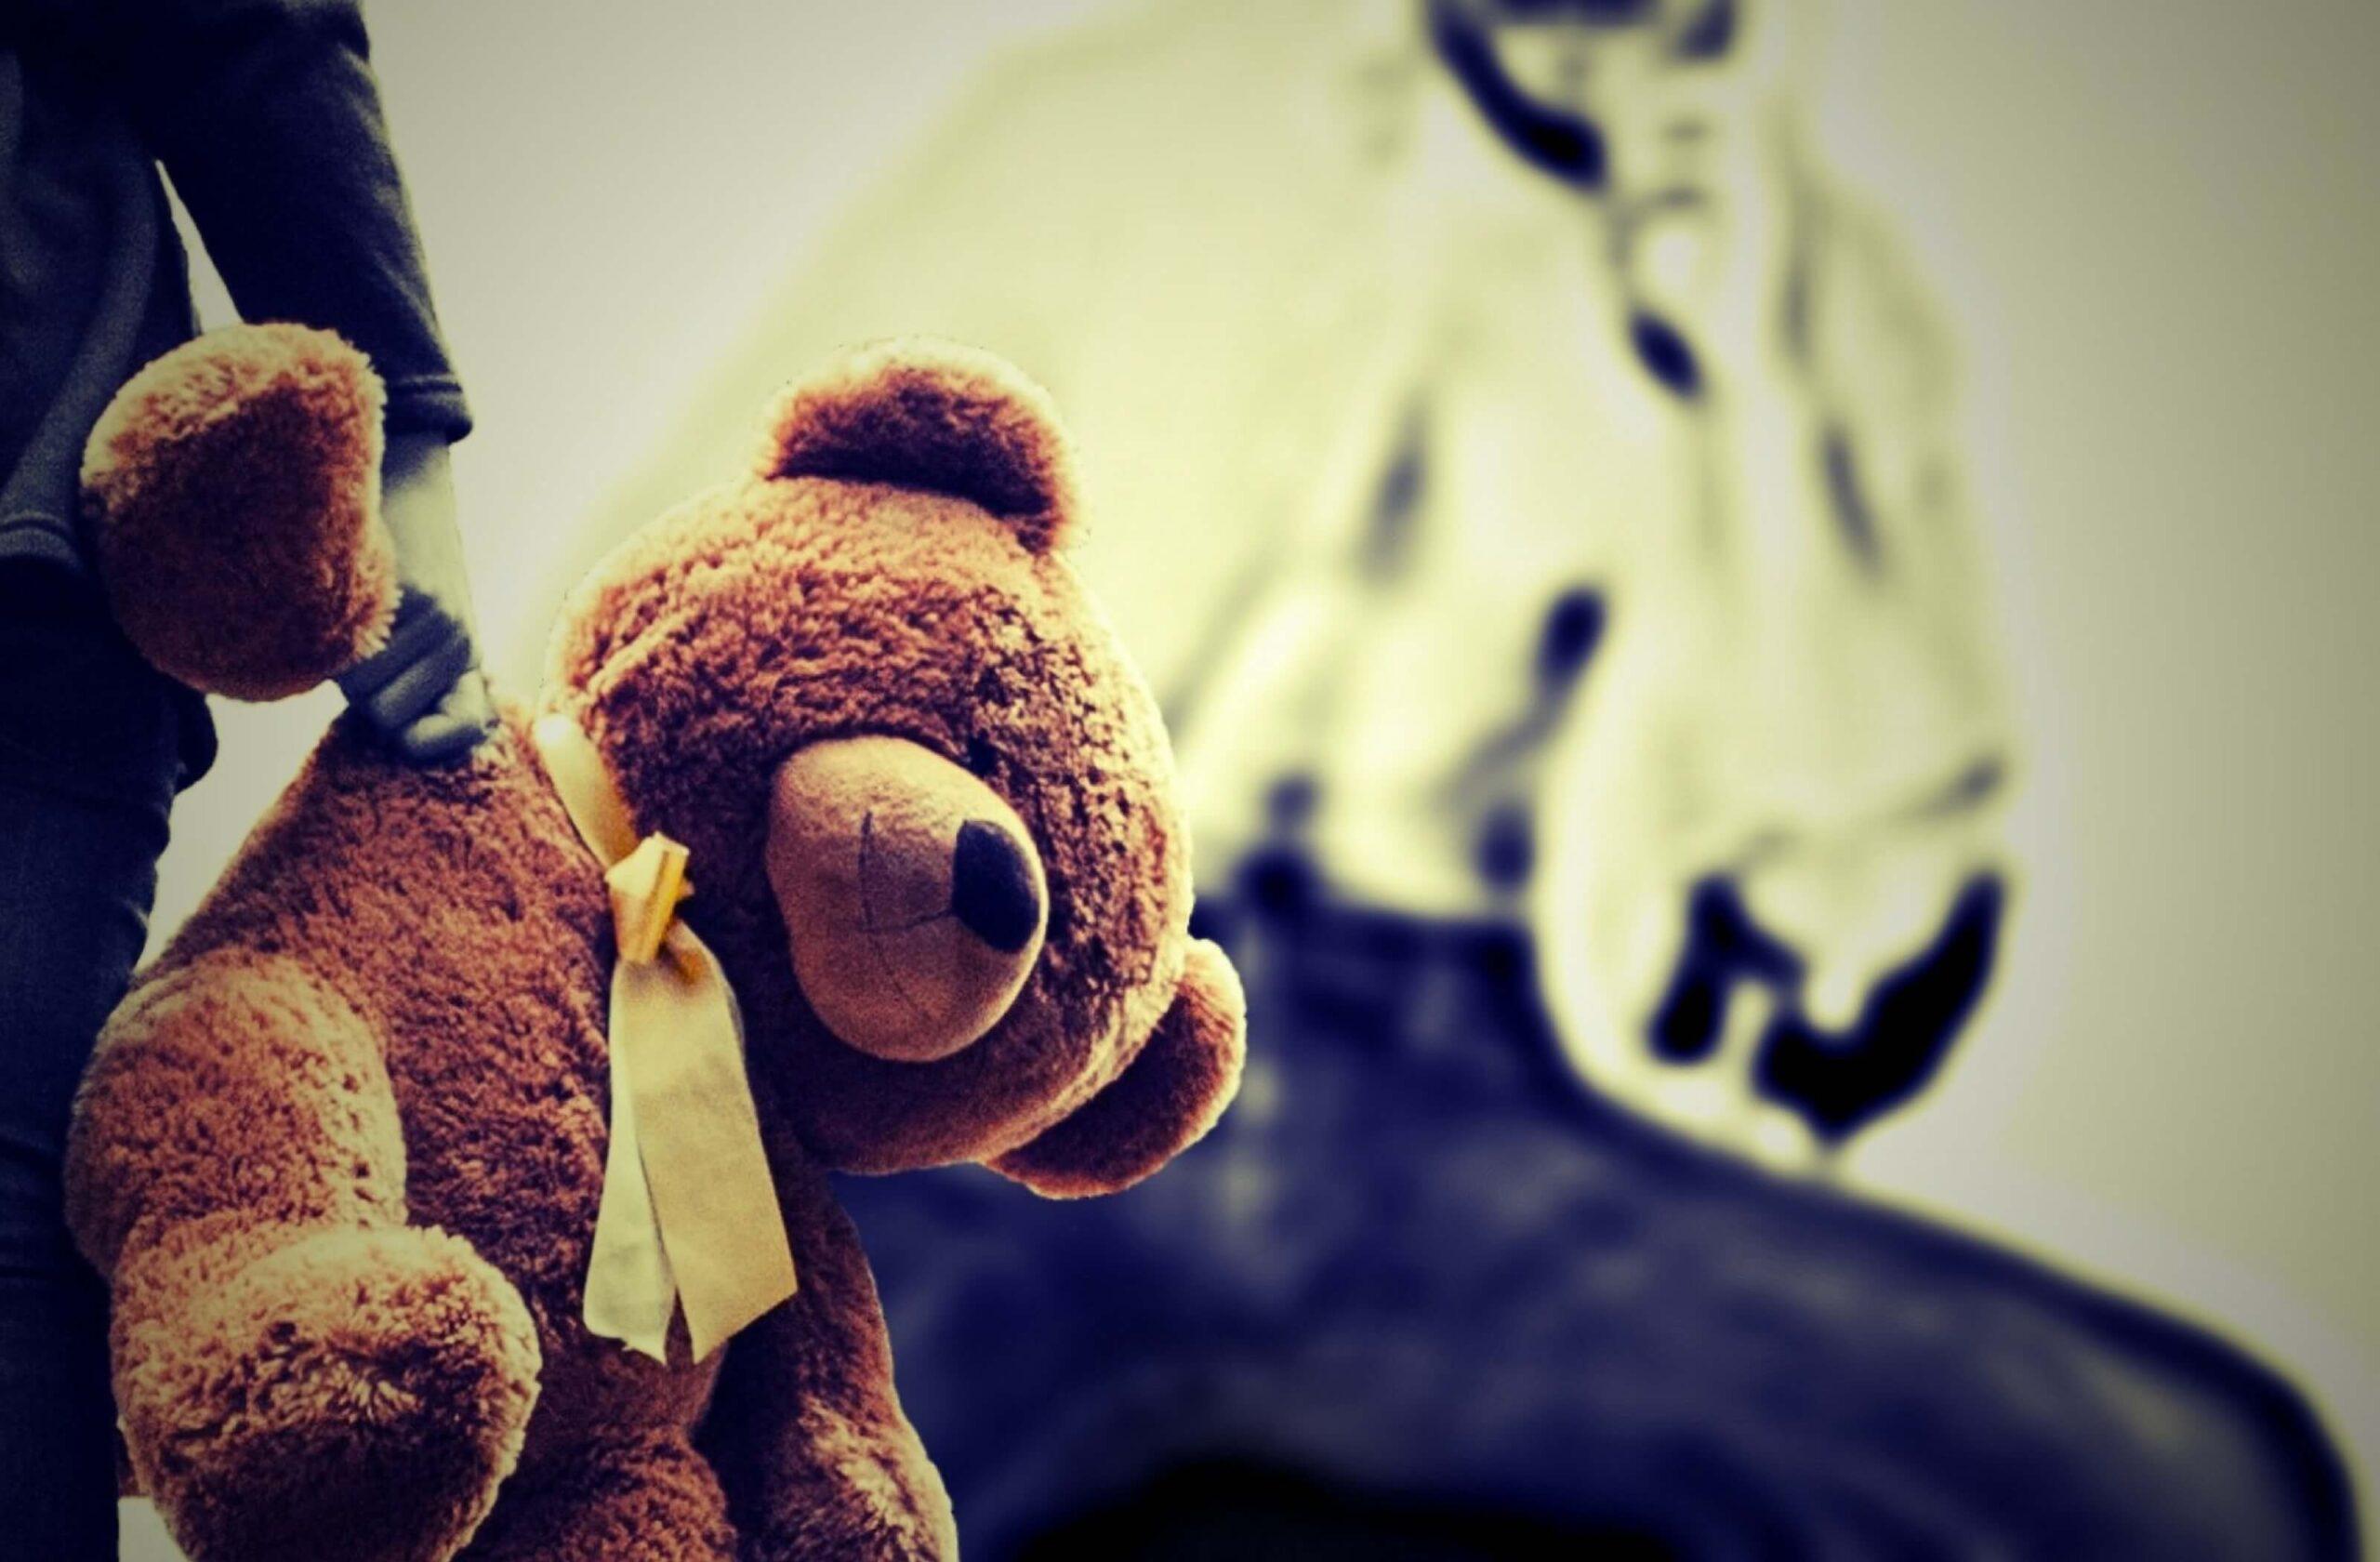 Psicologia della testimonianza: il minore presunta vittima di violenza sessuale